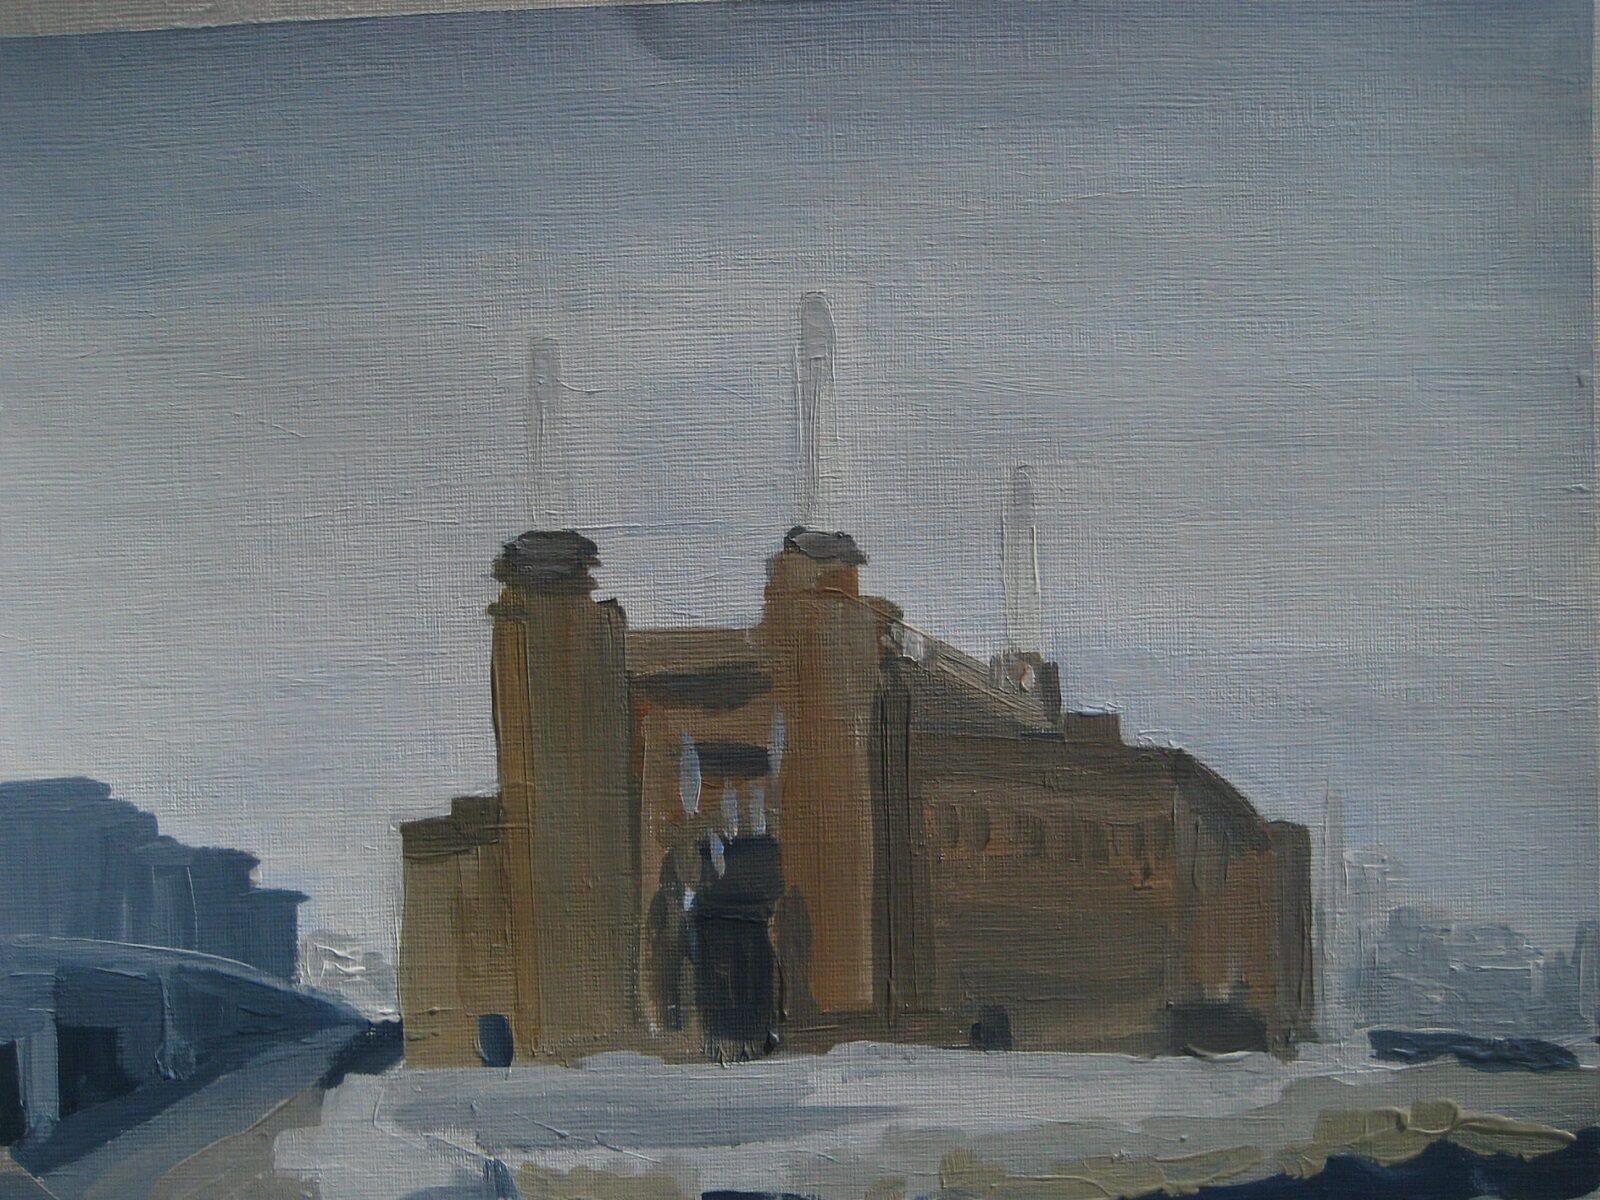 Battersea Power Station from Battersea Park Road 2014